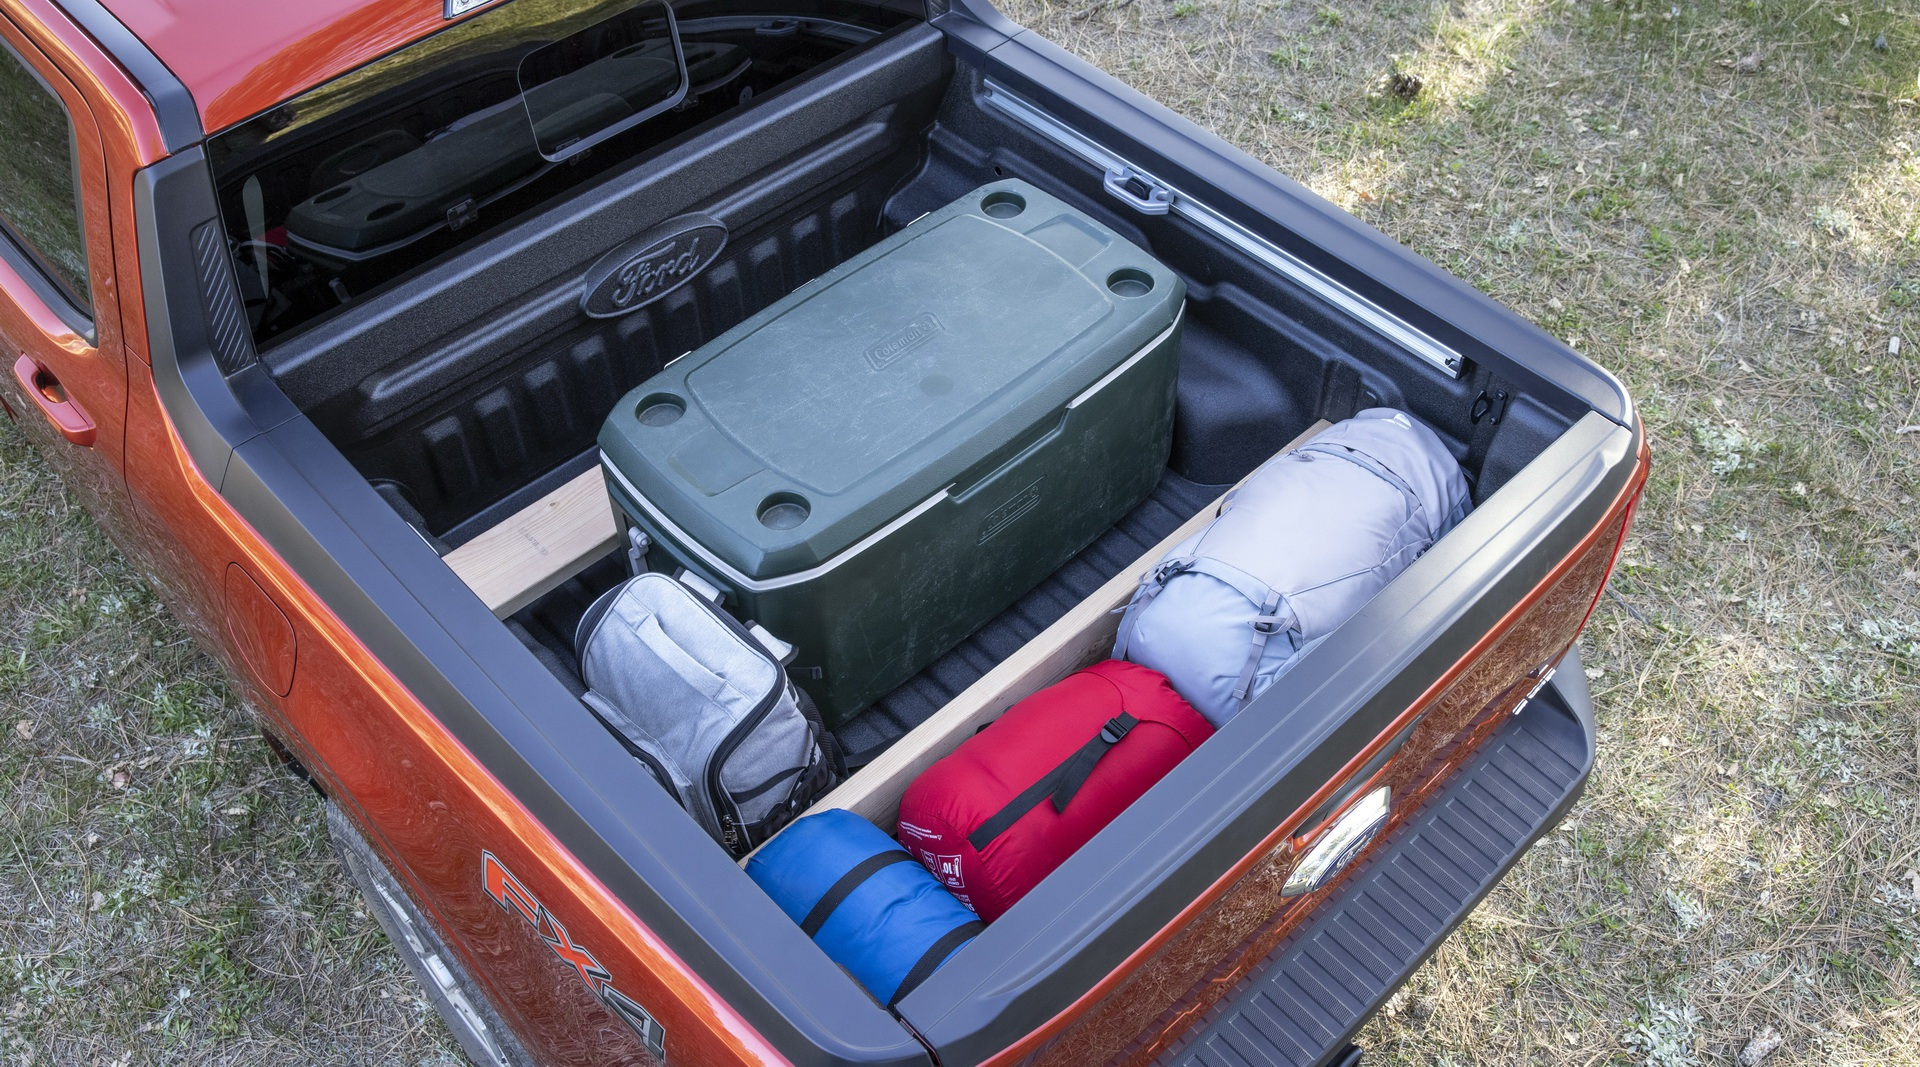 Ford ra mắt mẫu xe bán tải Maverick nhỏ hơn Ranger - 3